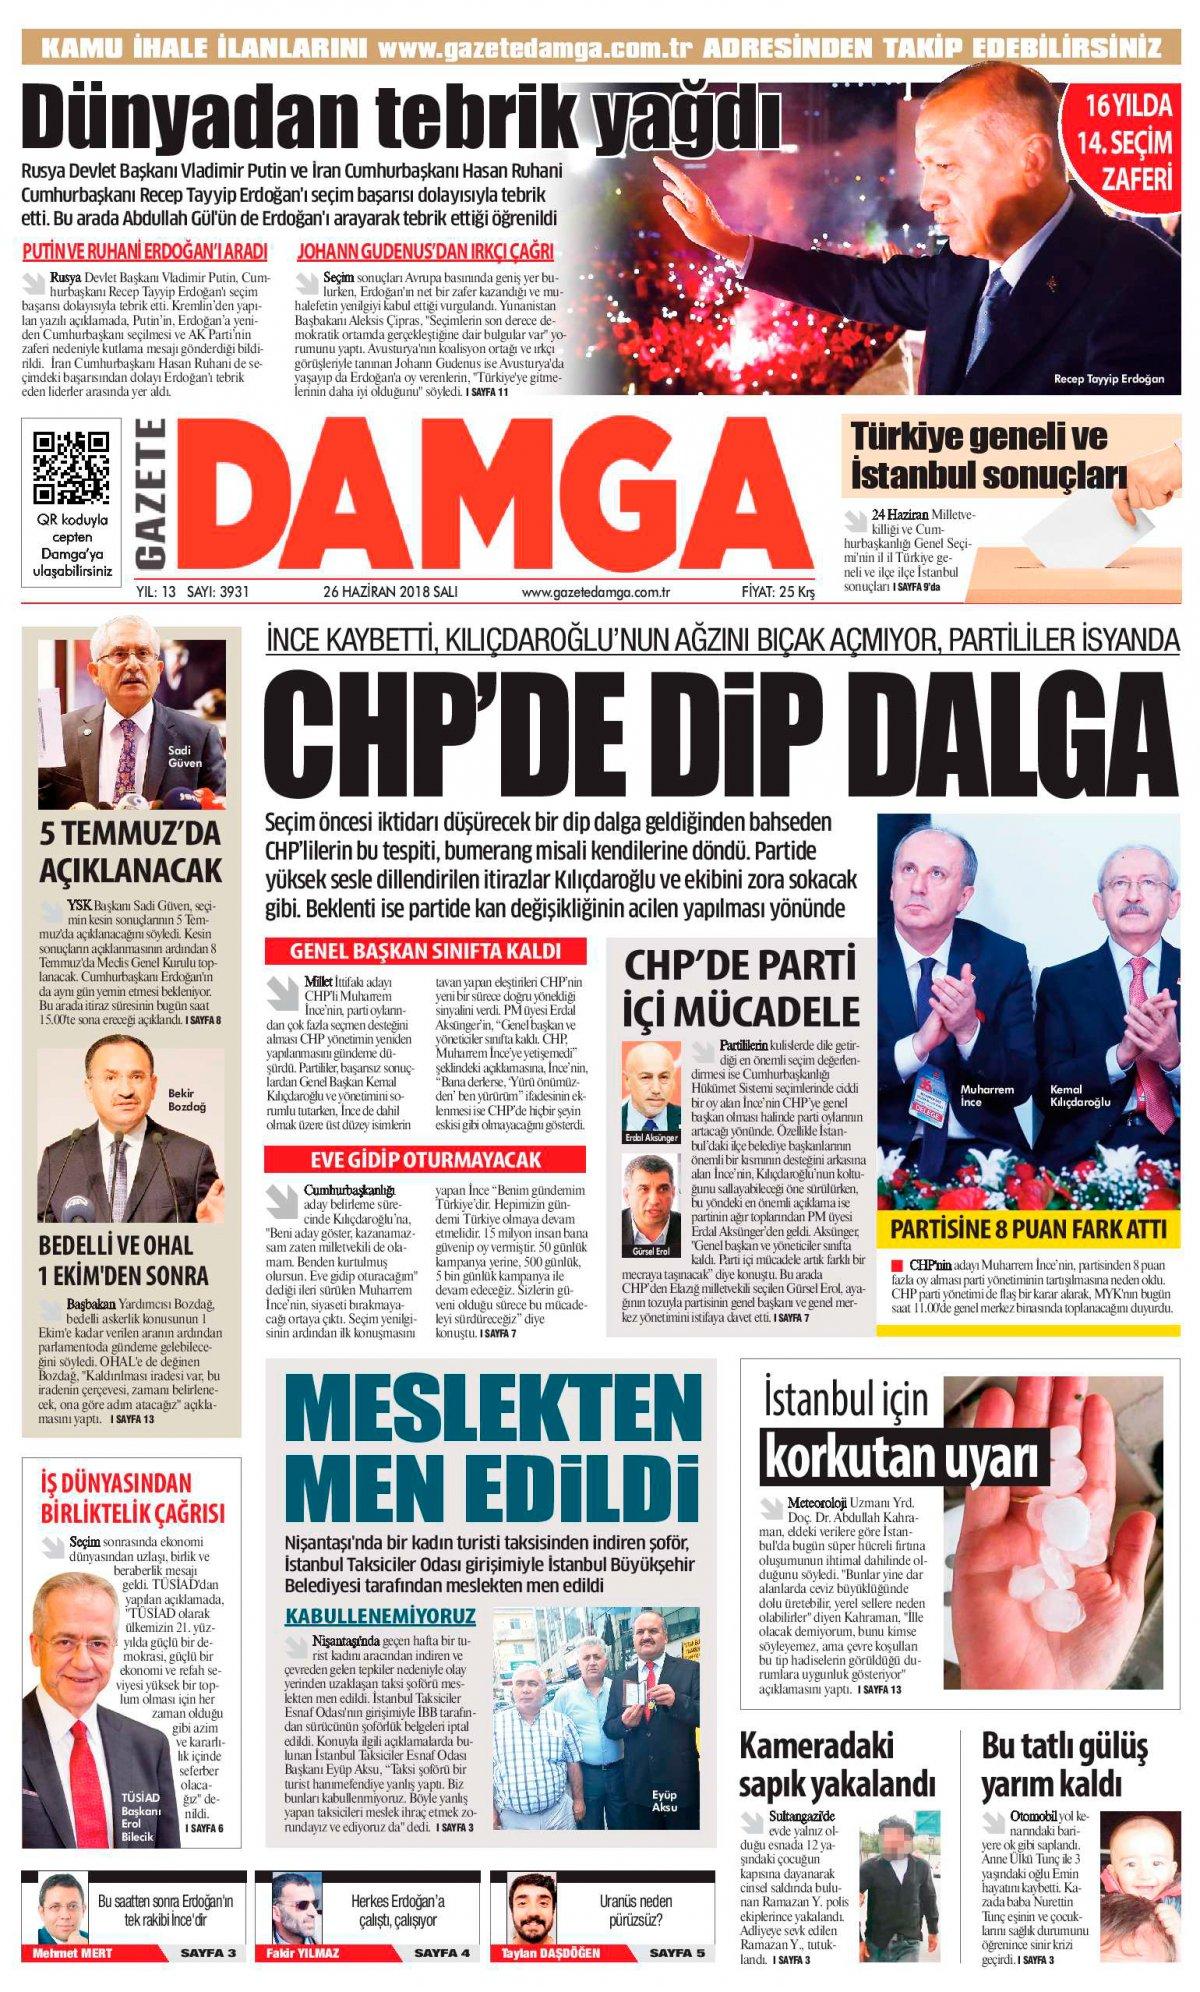 Gazete Damga - 26.06.2018 Manşeti